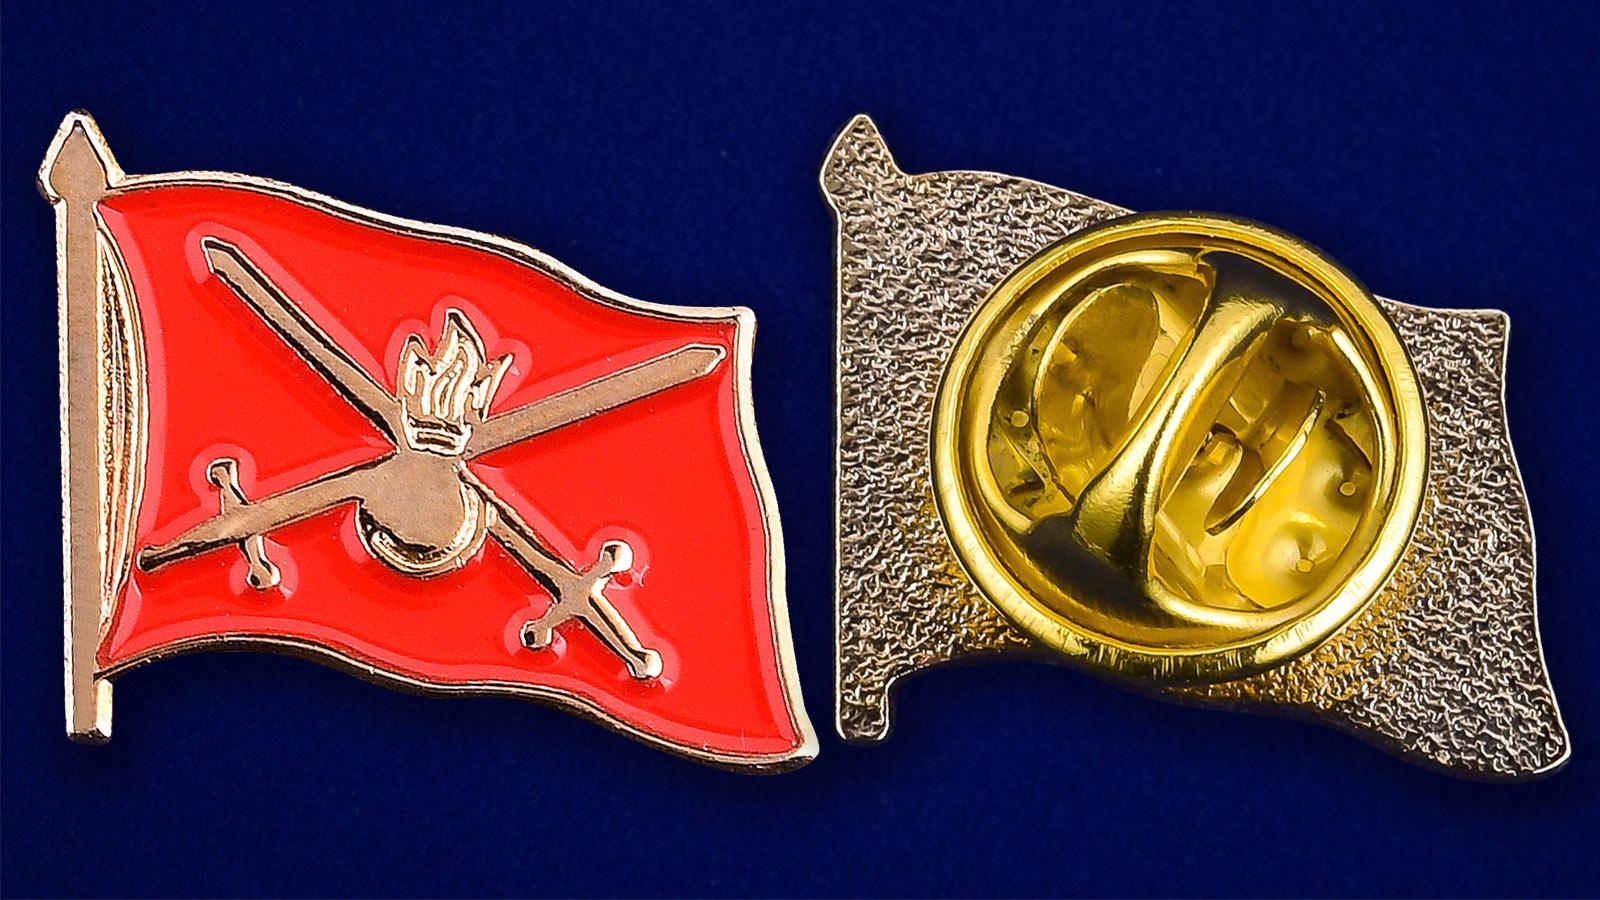 Значок Сухопутных войск - аверс и реверс